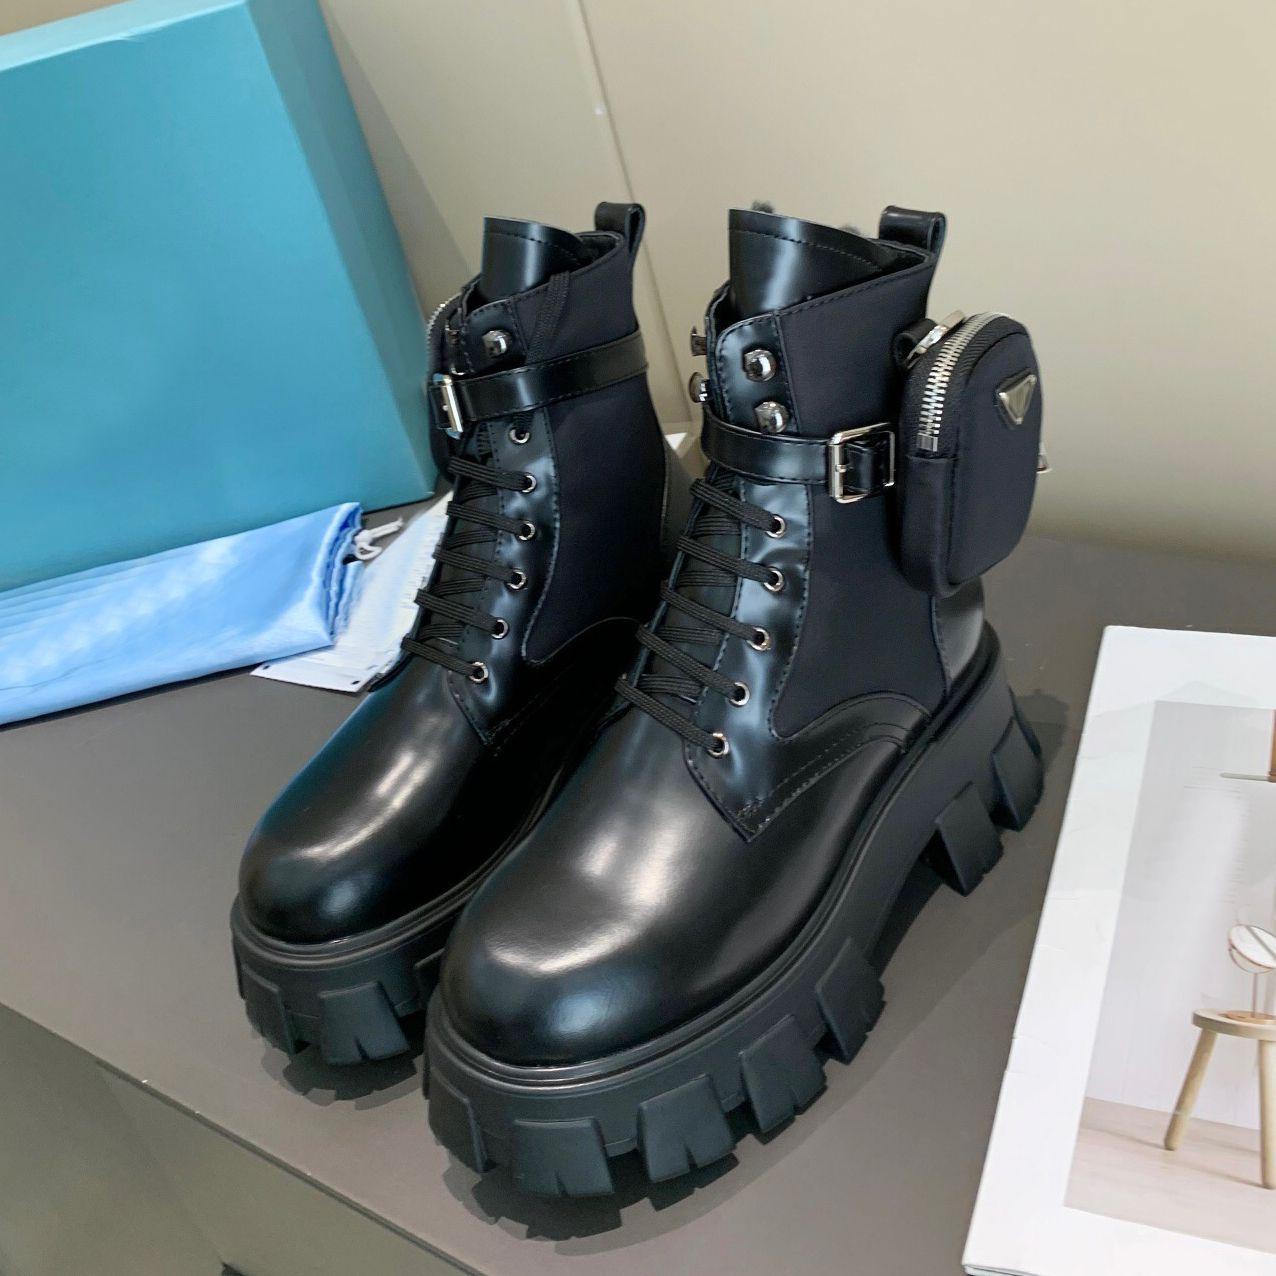 Prada boots NUEVO ROIS CUERO Y MONOLITH RE-NYLON BOOL TOKLE MARTIN BOOTS Botas de combate de inspiración militar Botas de nylon adjuntas al tobillo con correa